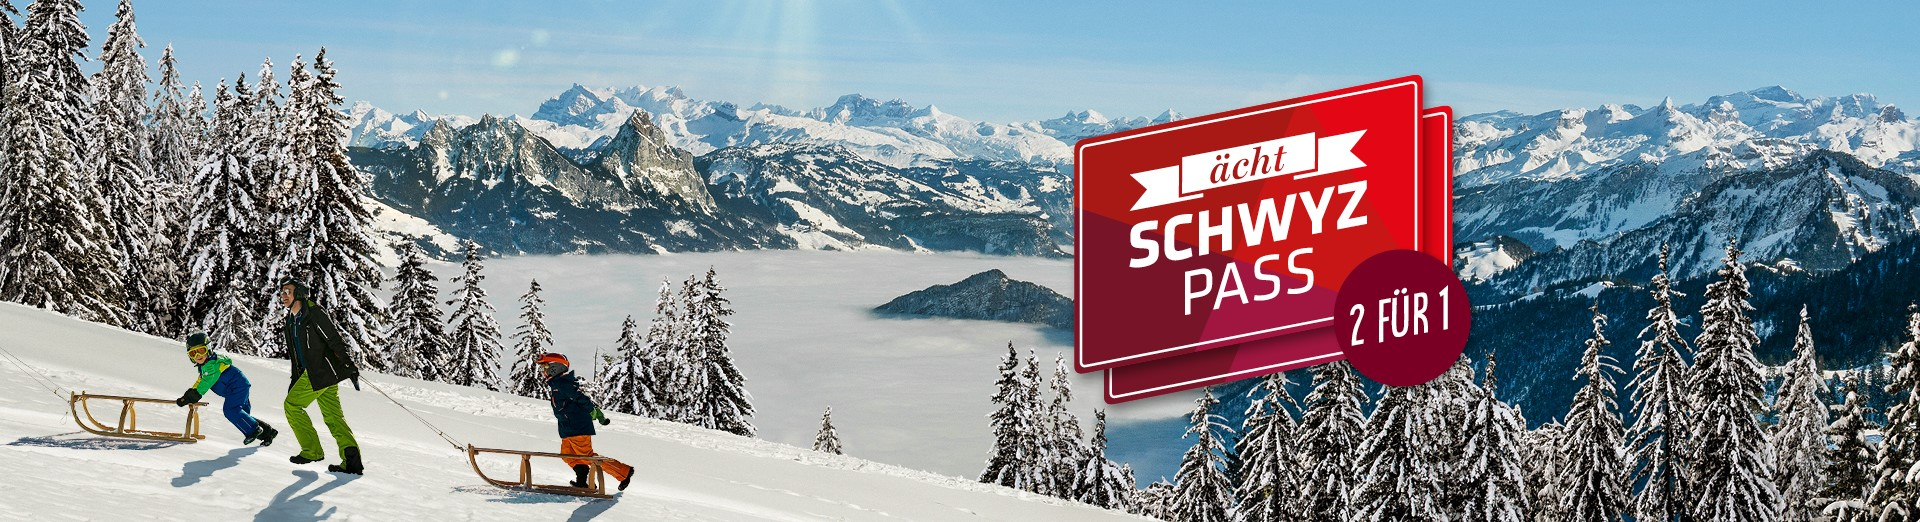 """Schneebedeckte Hügel im Kanton Schwyz für """"ächt SCHWYZ""""-Winterpass"""